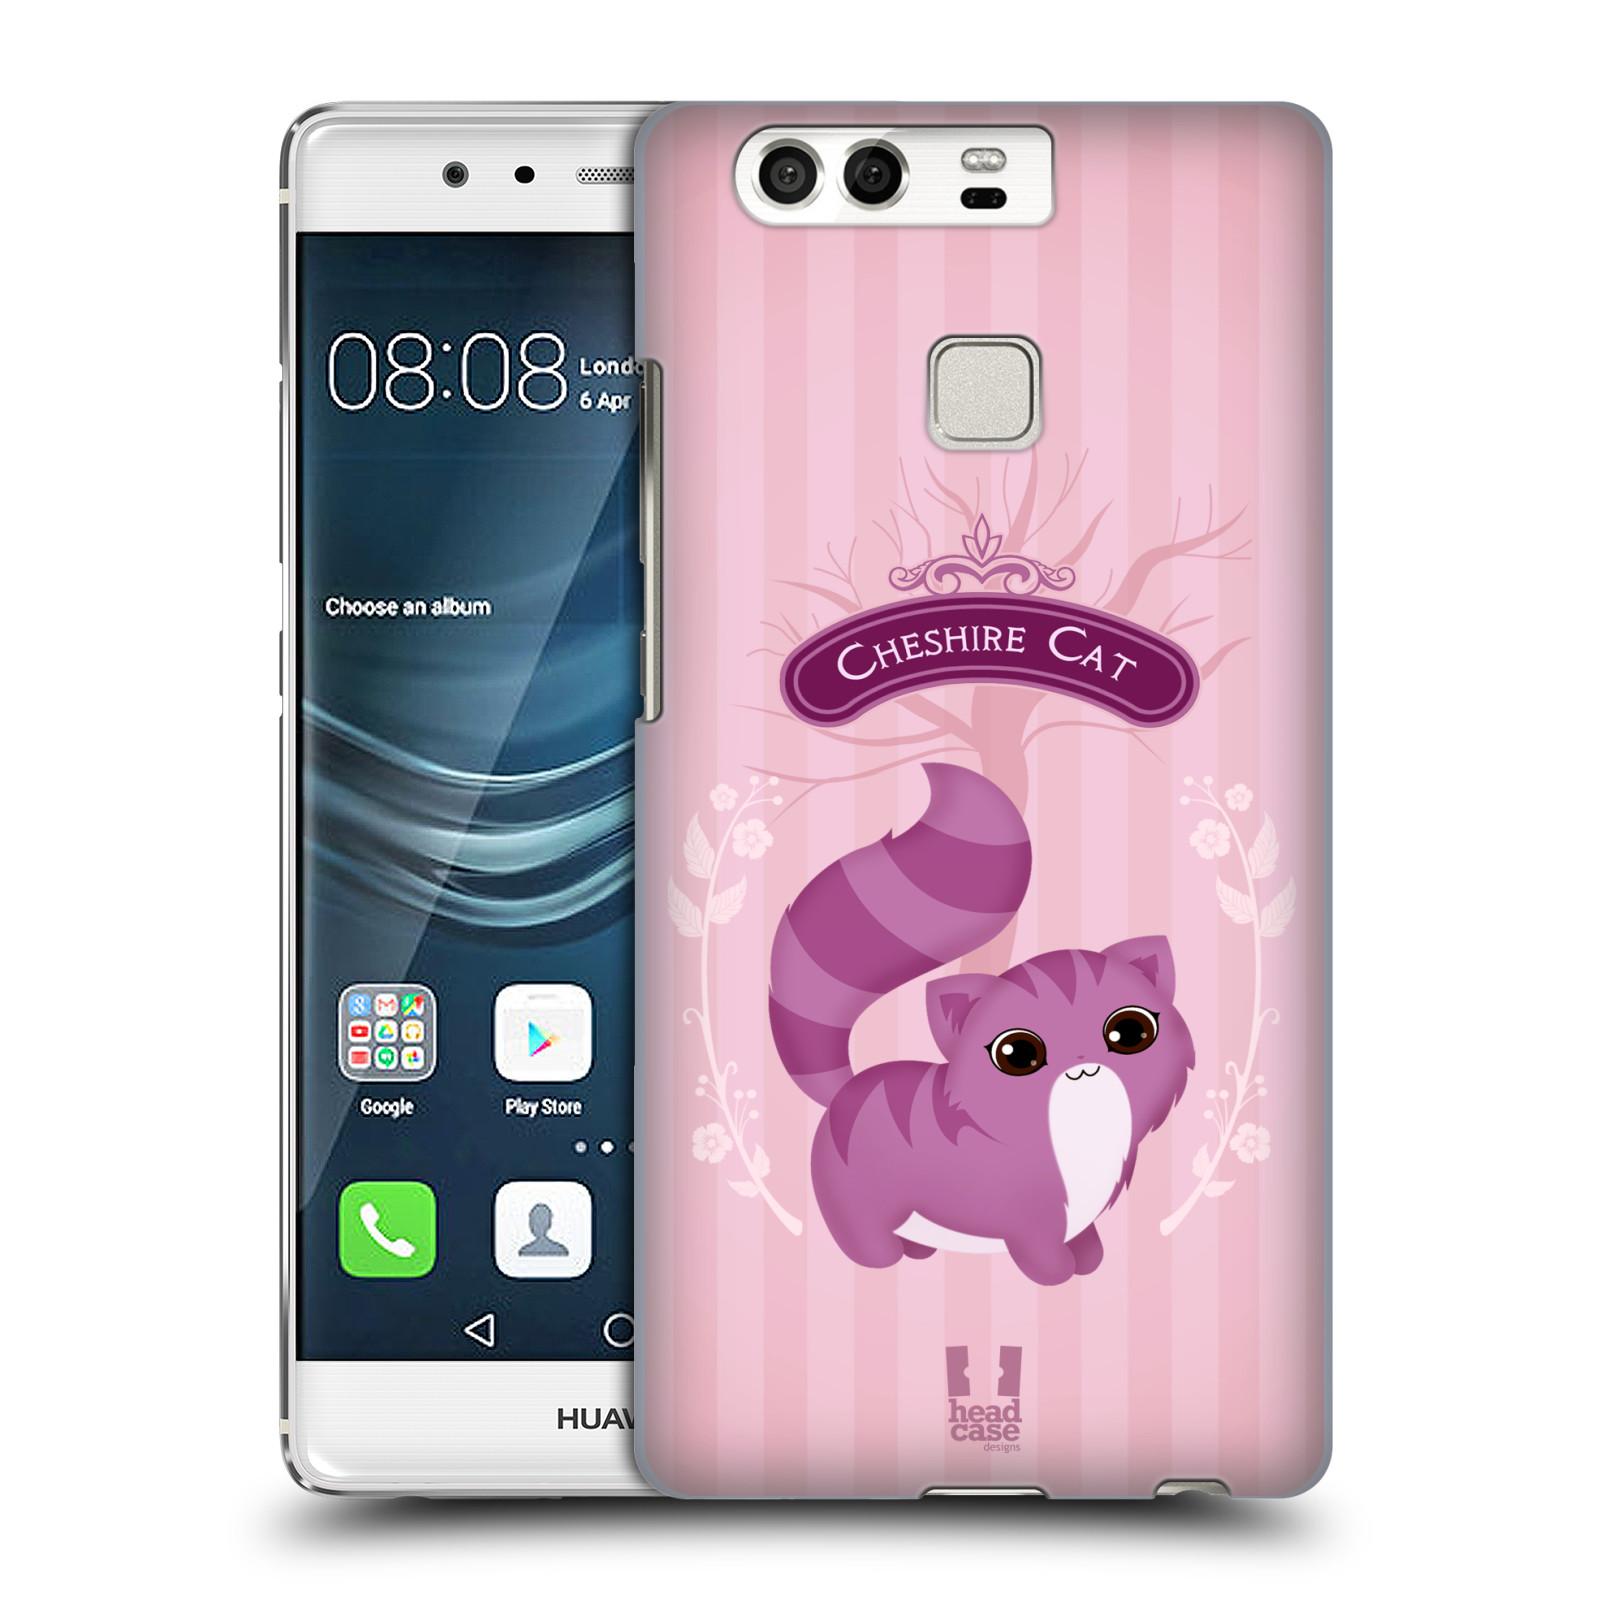 HEAD CASE plastový obal na mobil Huawei P9 / P9 DUAL SIM vzor Alenka v říši divů kočička